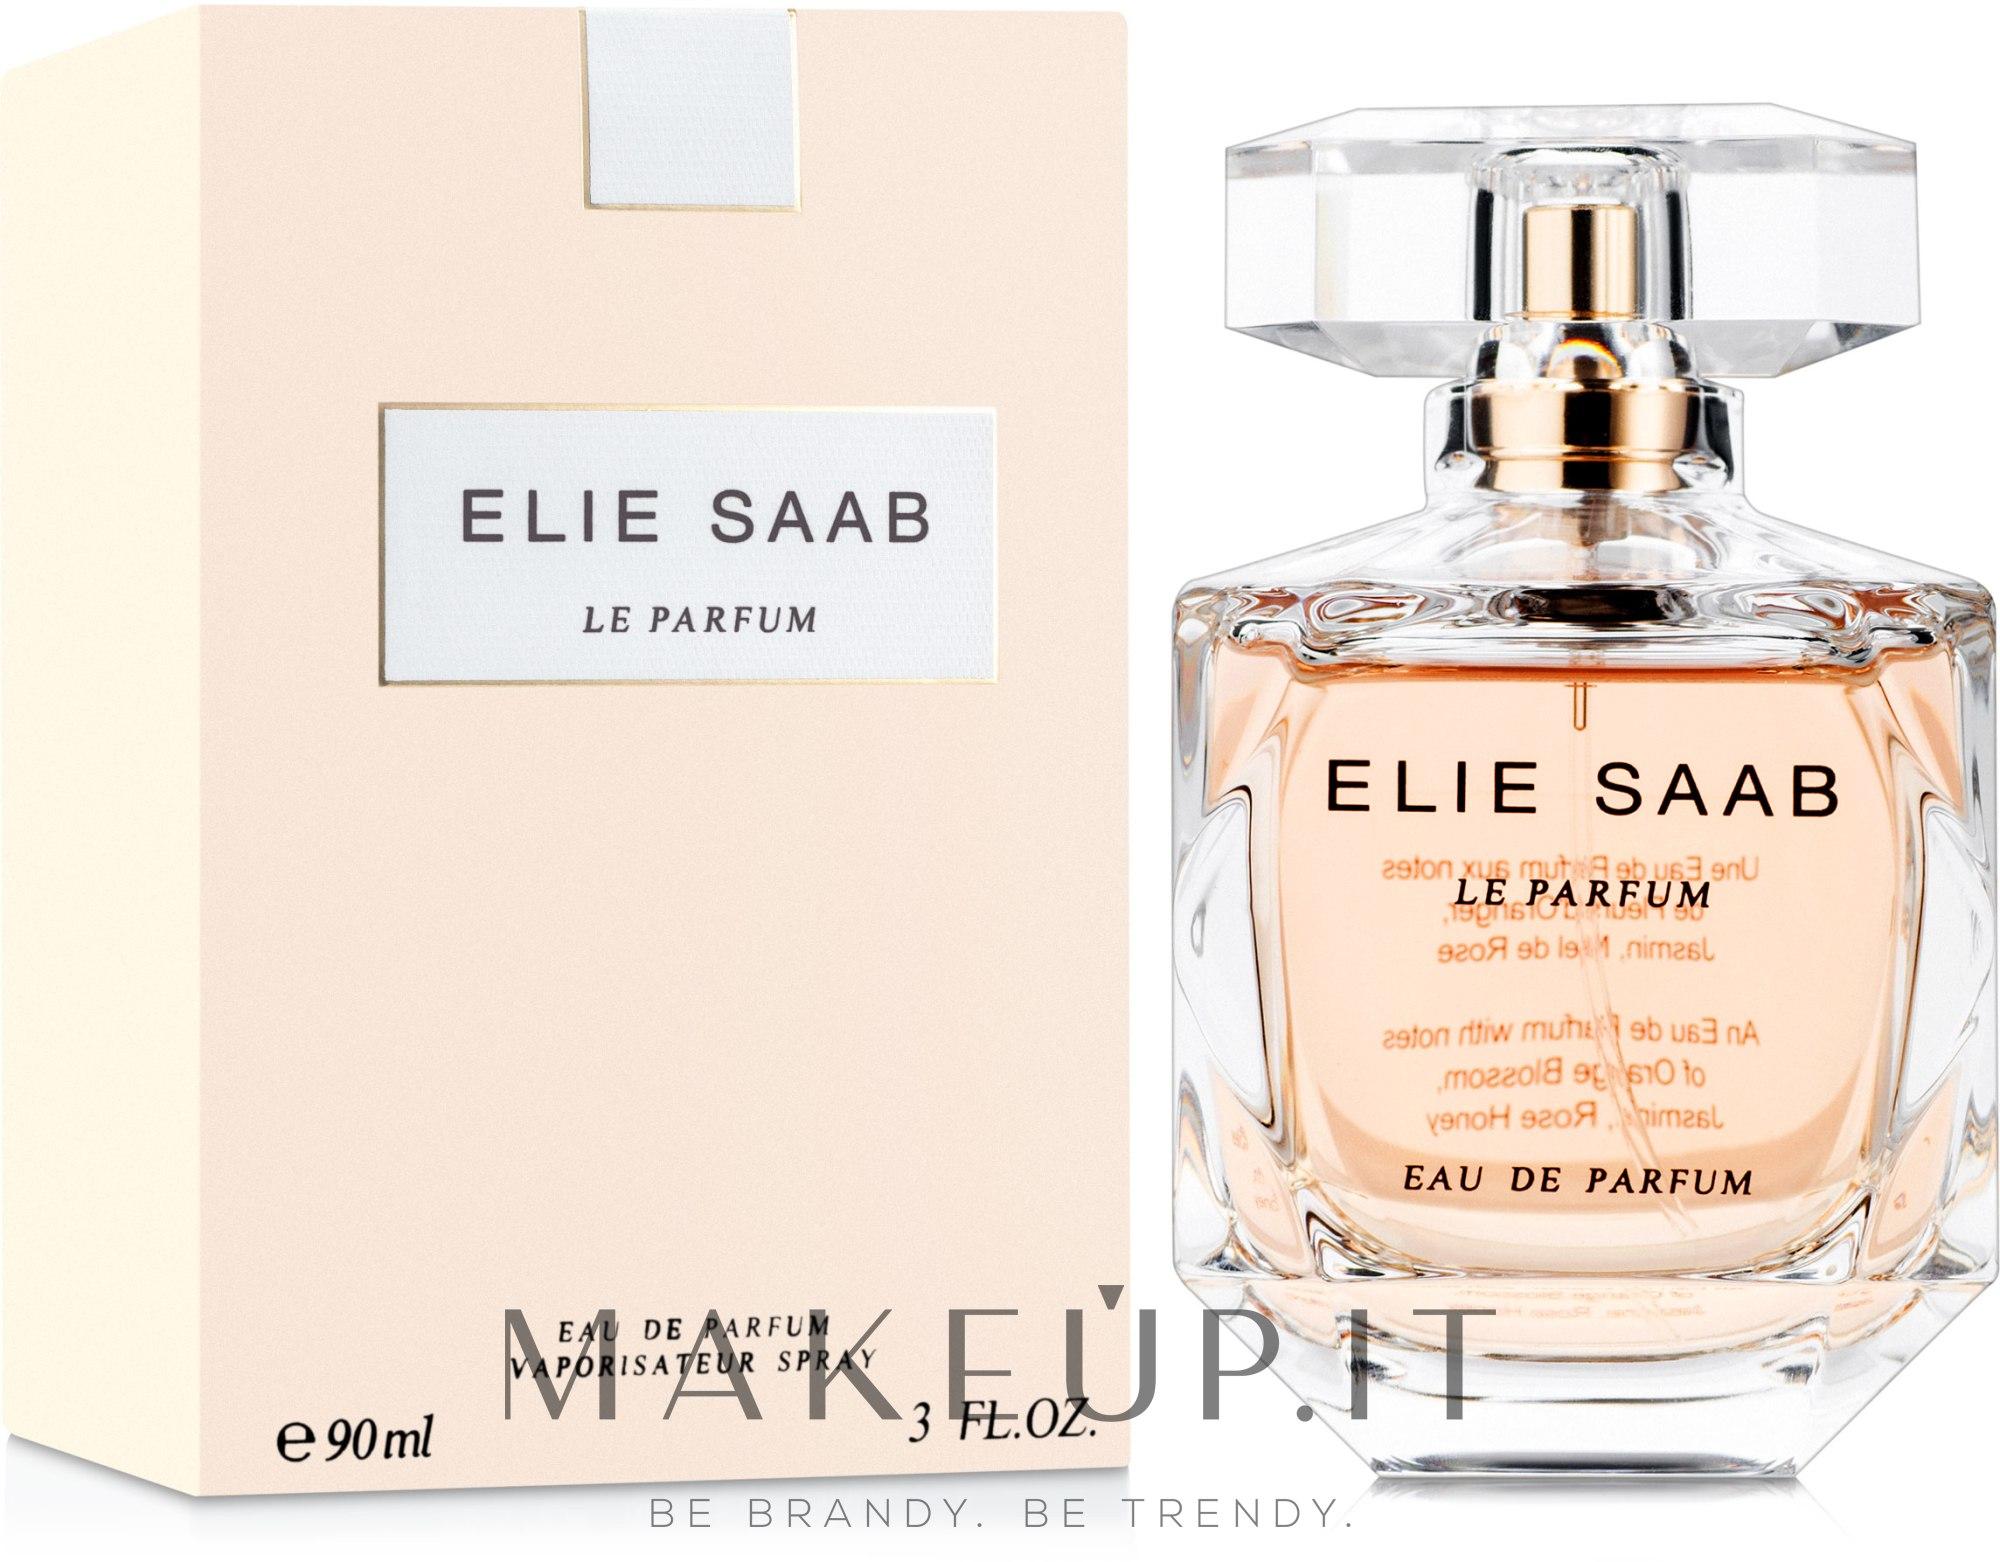 Elie Saab Le Parfum - Eau de Parfum — foto 90 ml